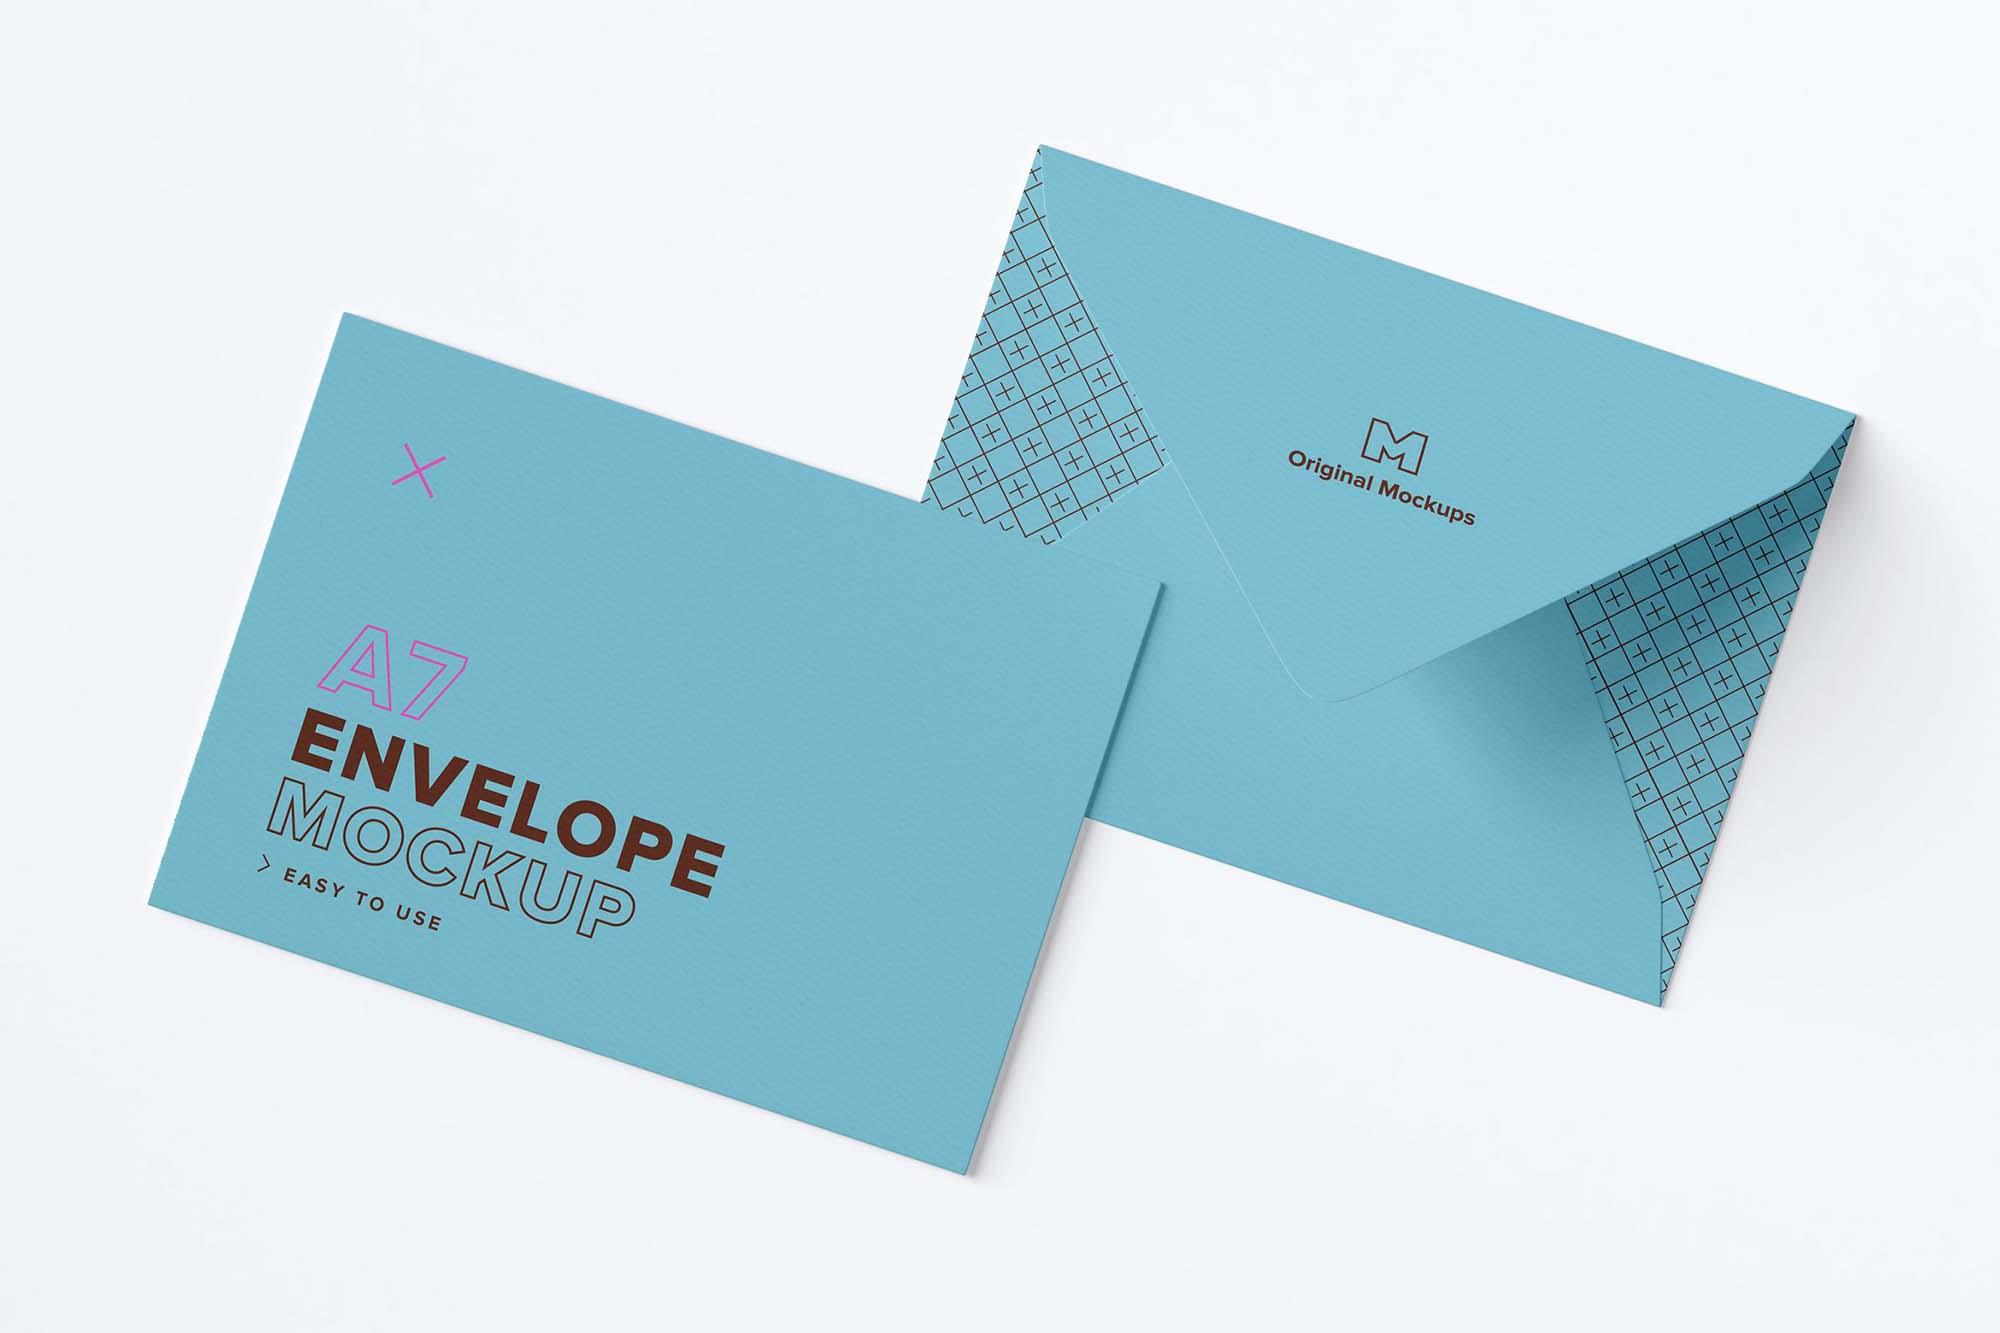 A7 Envelope Mockup